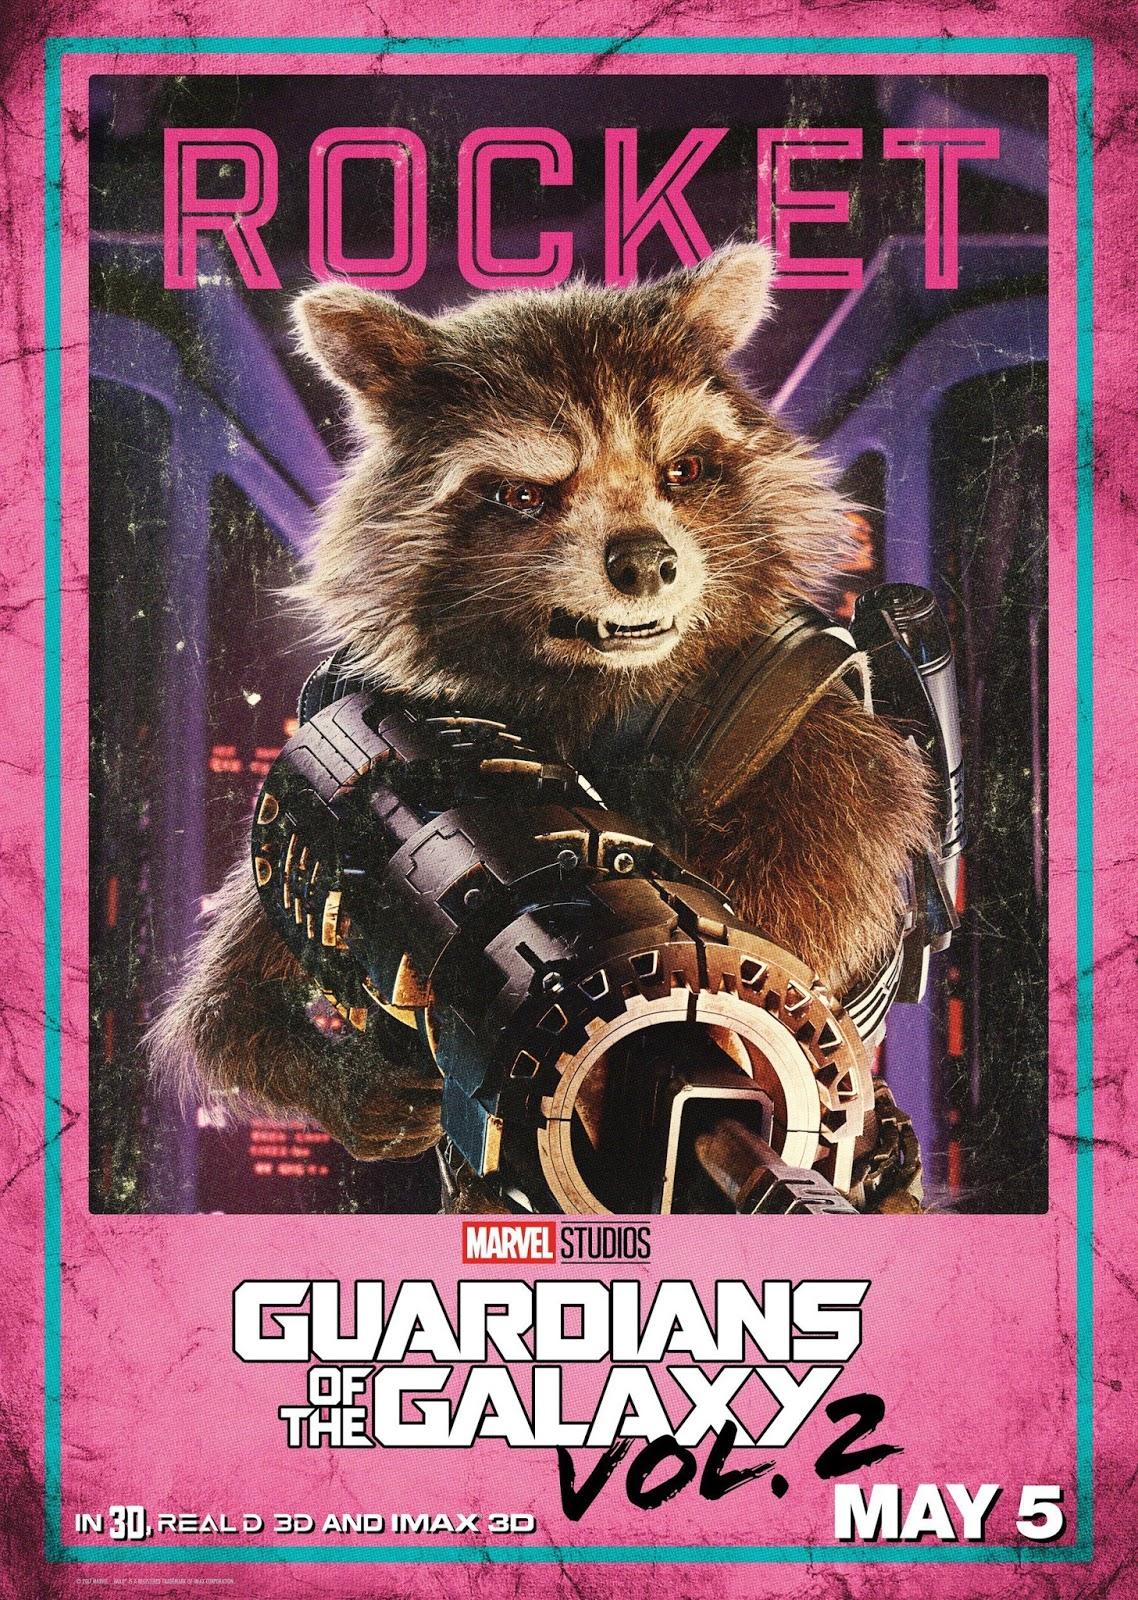 Стражи Галактики Часть 2, Guardians of the Galaxy Vol 2, Реактивный Енот, енот Ракета, Rocket